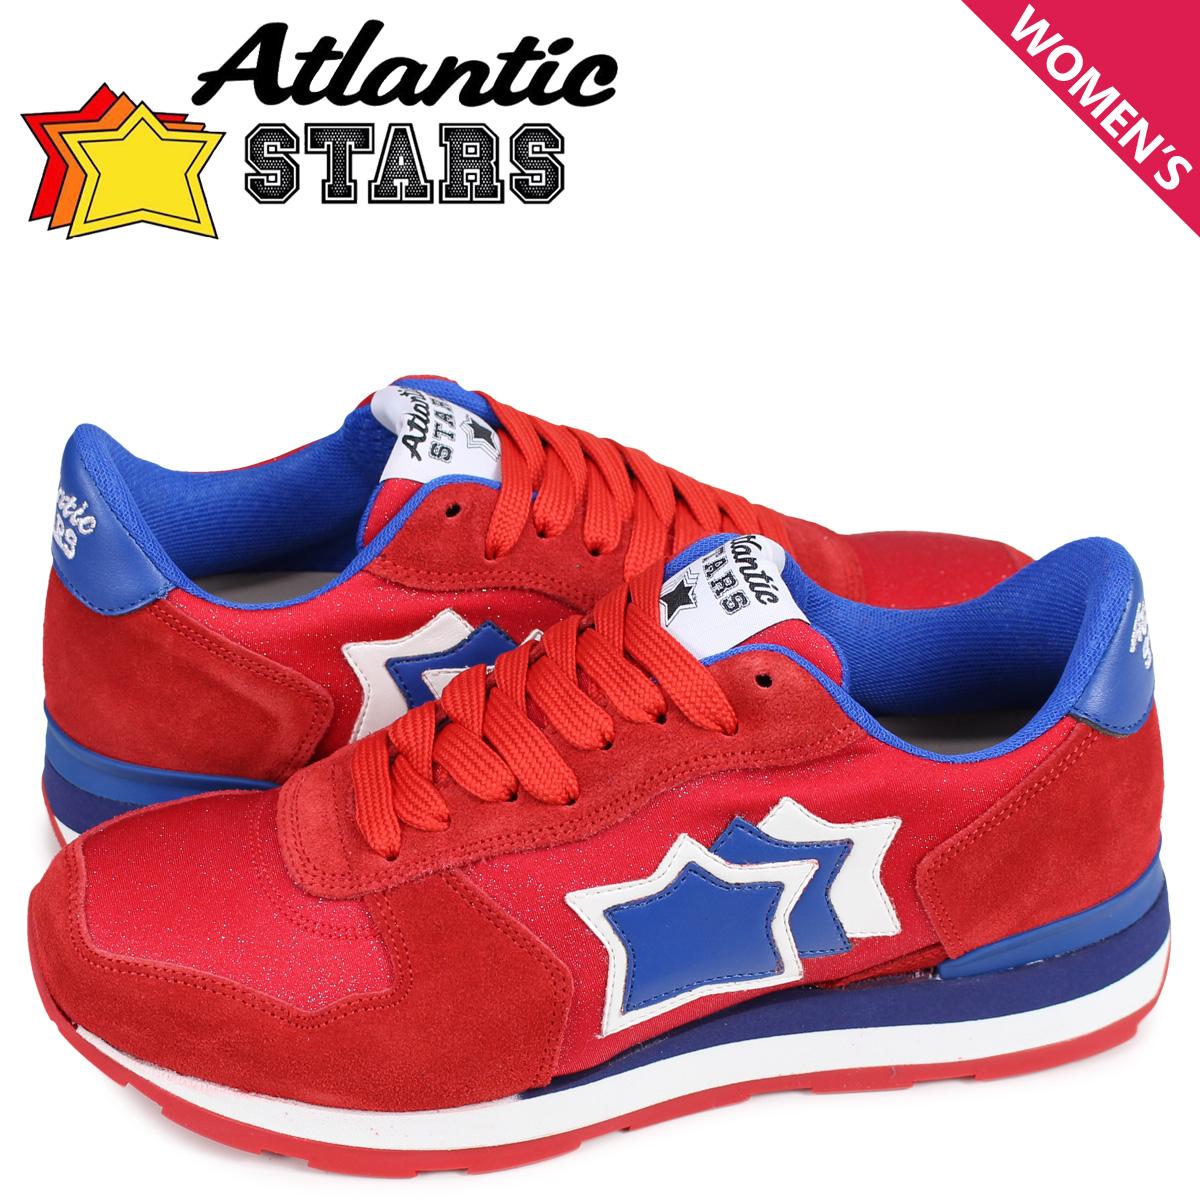 アトランティックスターズ Atlantic STARS ベガ スニーカー レディース VEGA レッド FUR-19A